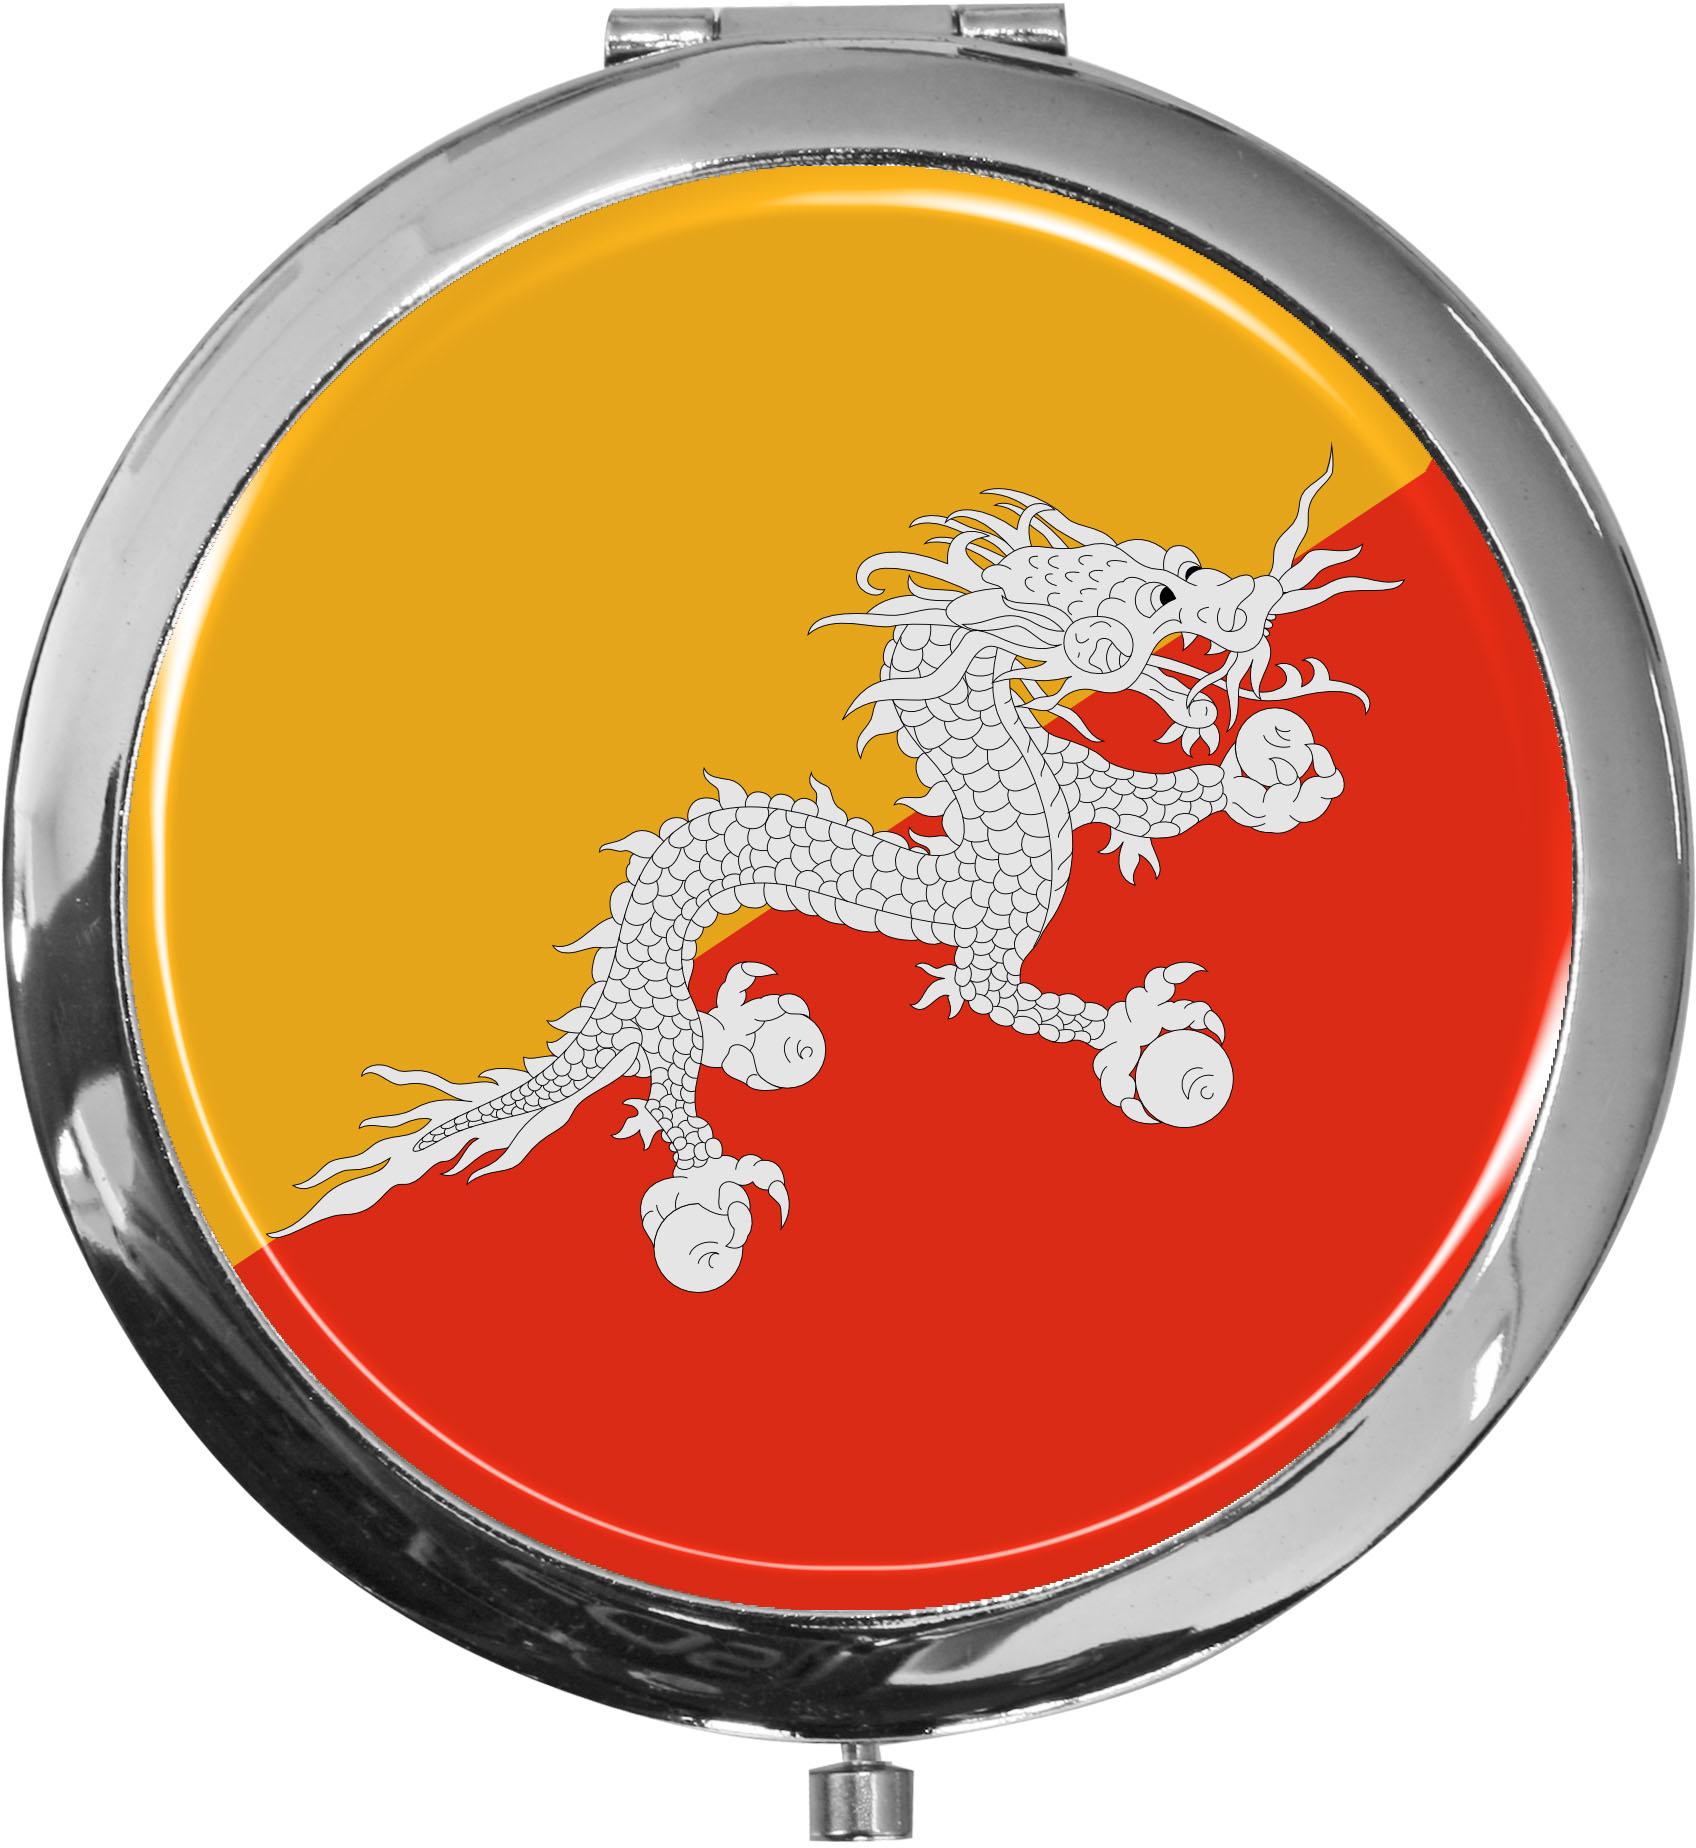 Taschenspiegel / Spiegel / Flagge Buthan / 2 fache Vergrößerung